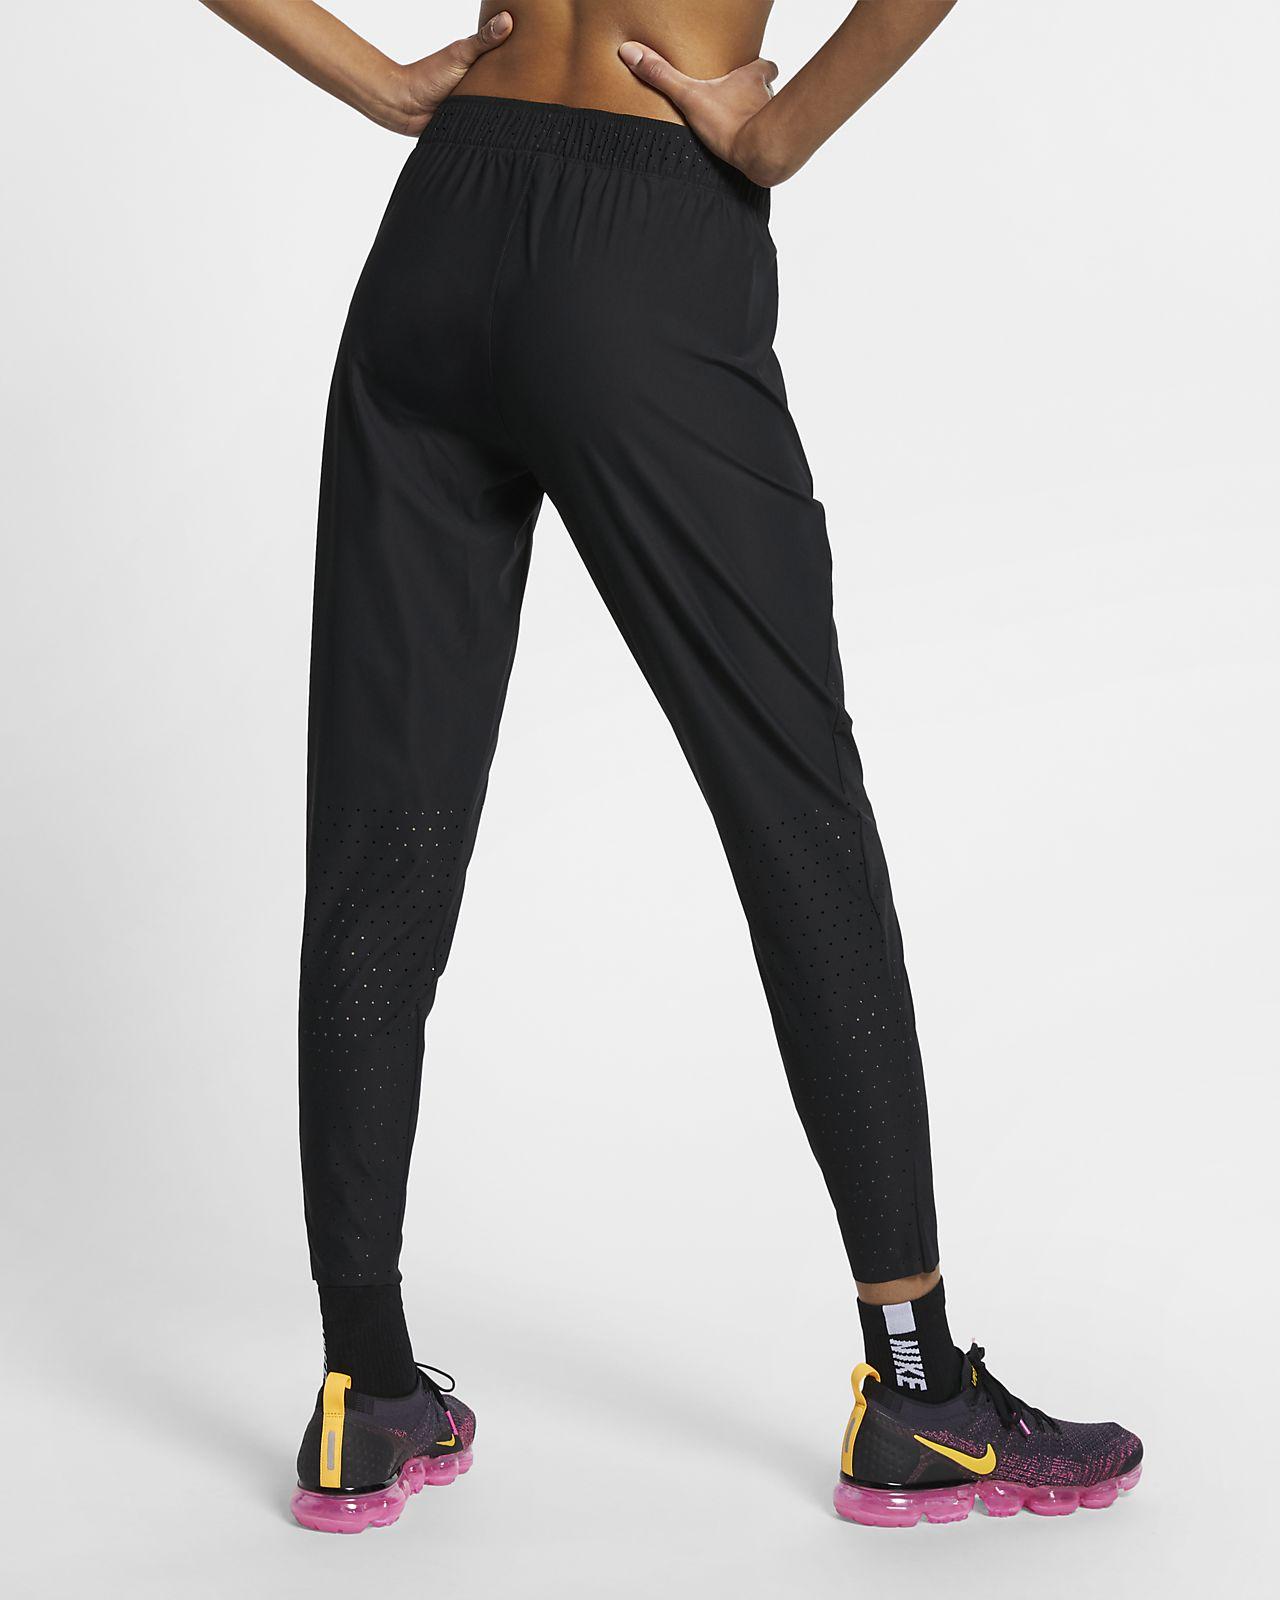 Futbol Deportes Y Aire Libre Pantalones Nike Deportes Y Aire Libre Pantalones De Running Para Mujer Acsisa Org